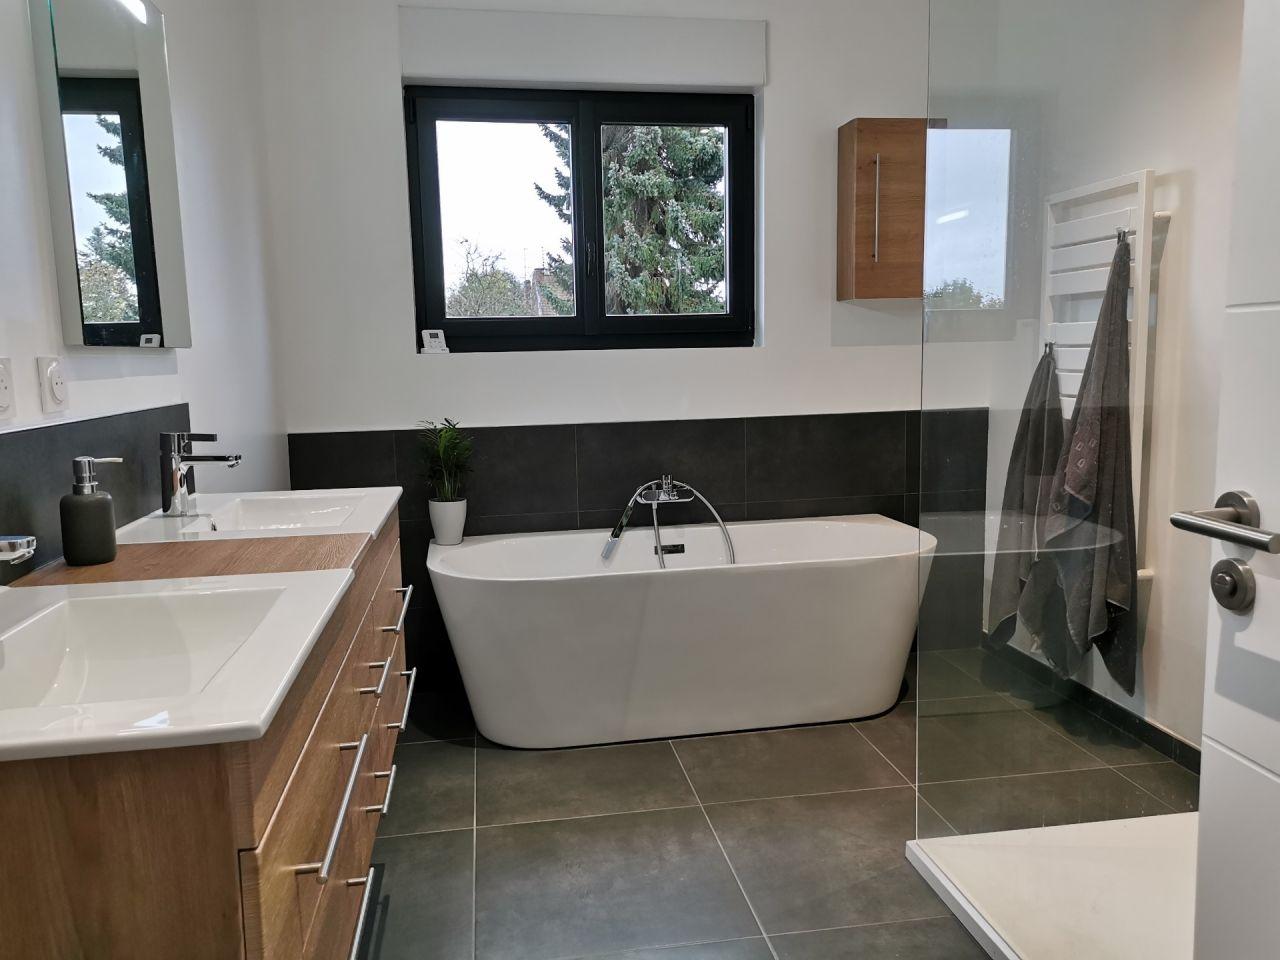 Salle de bain de l'étage terminée ?